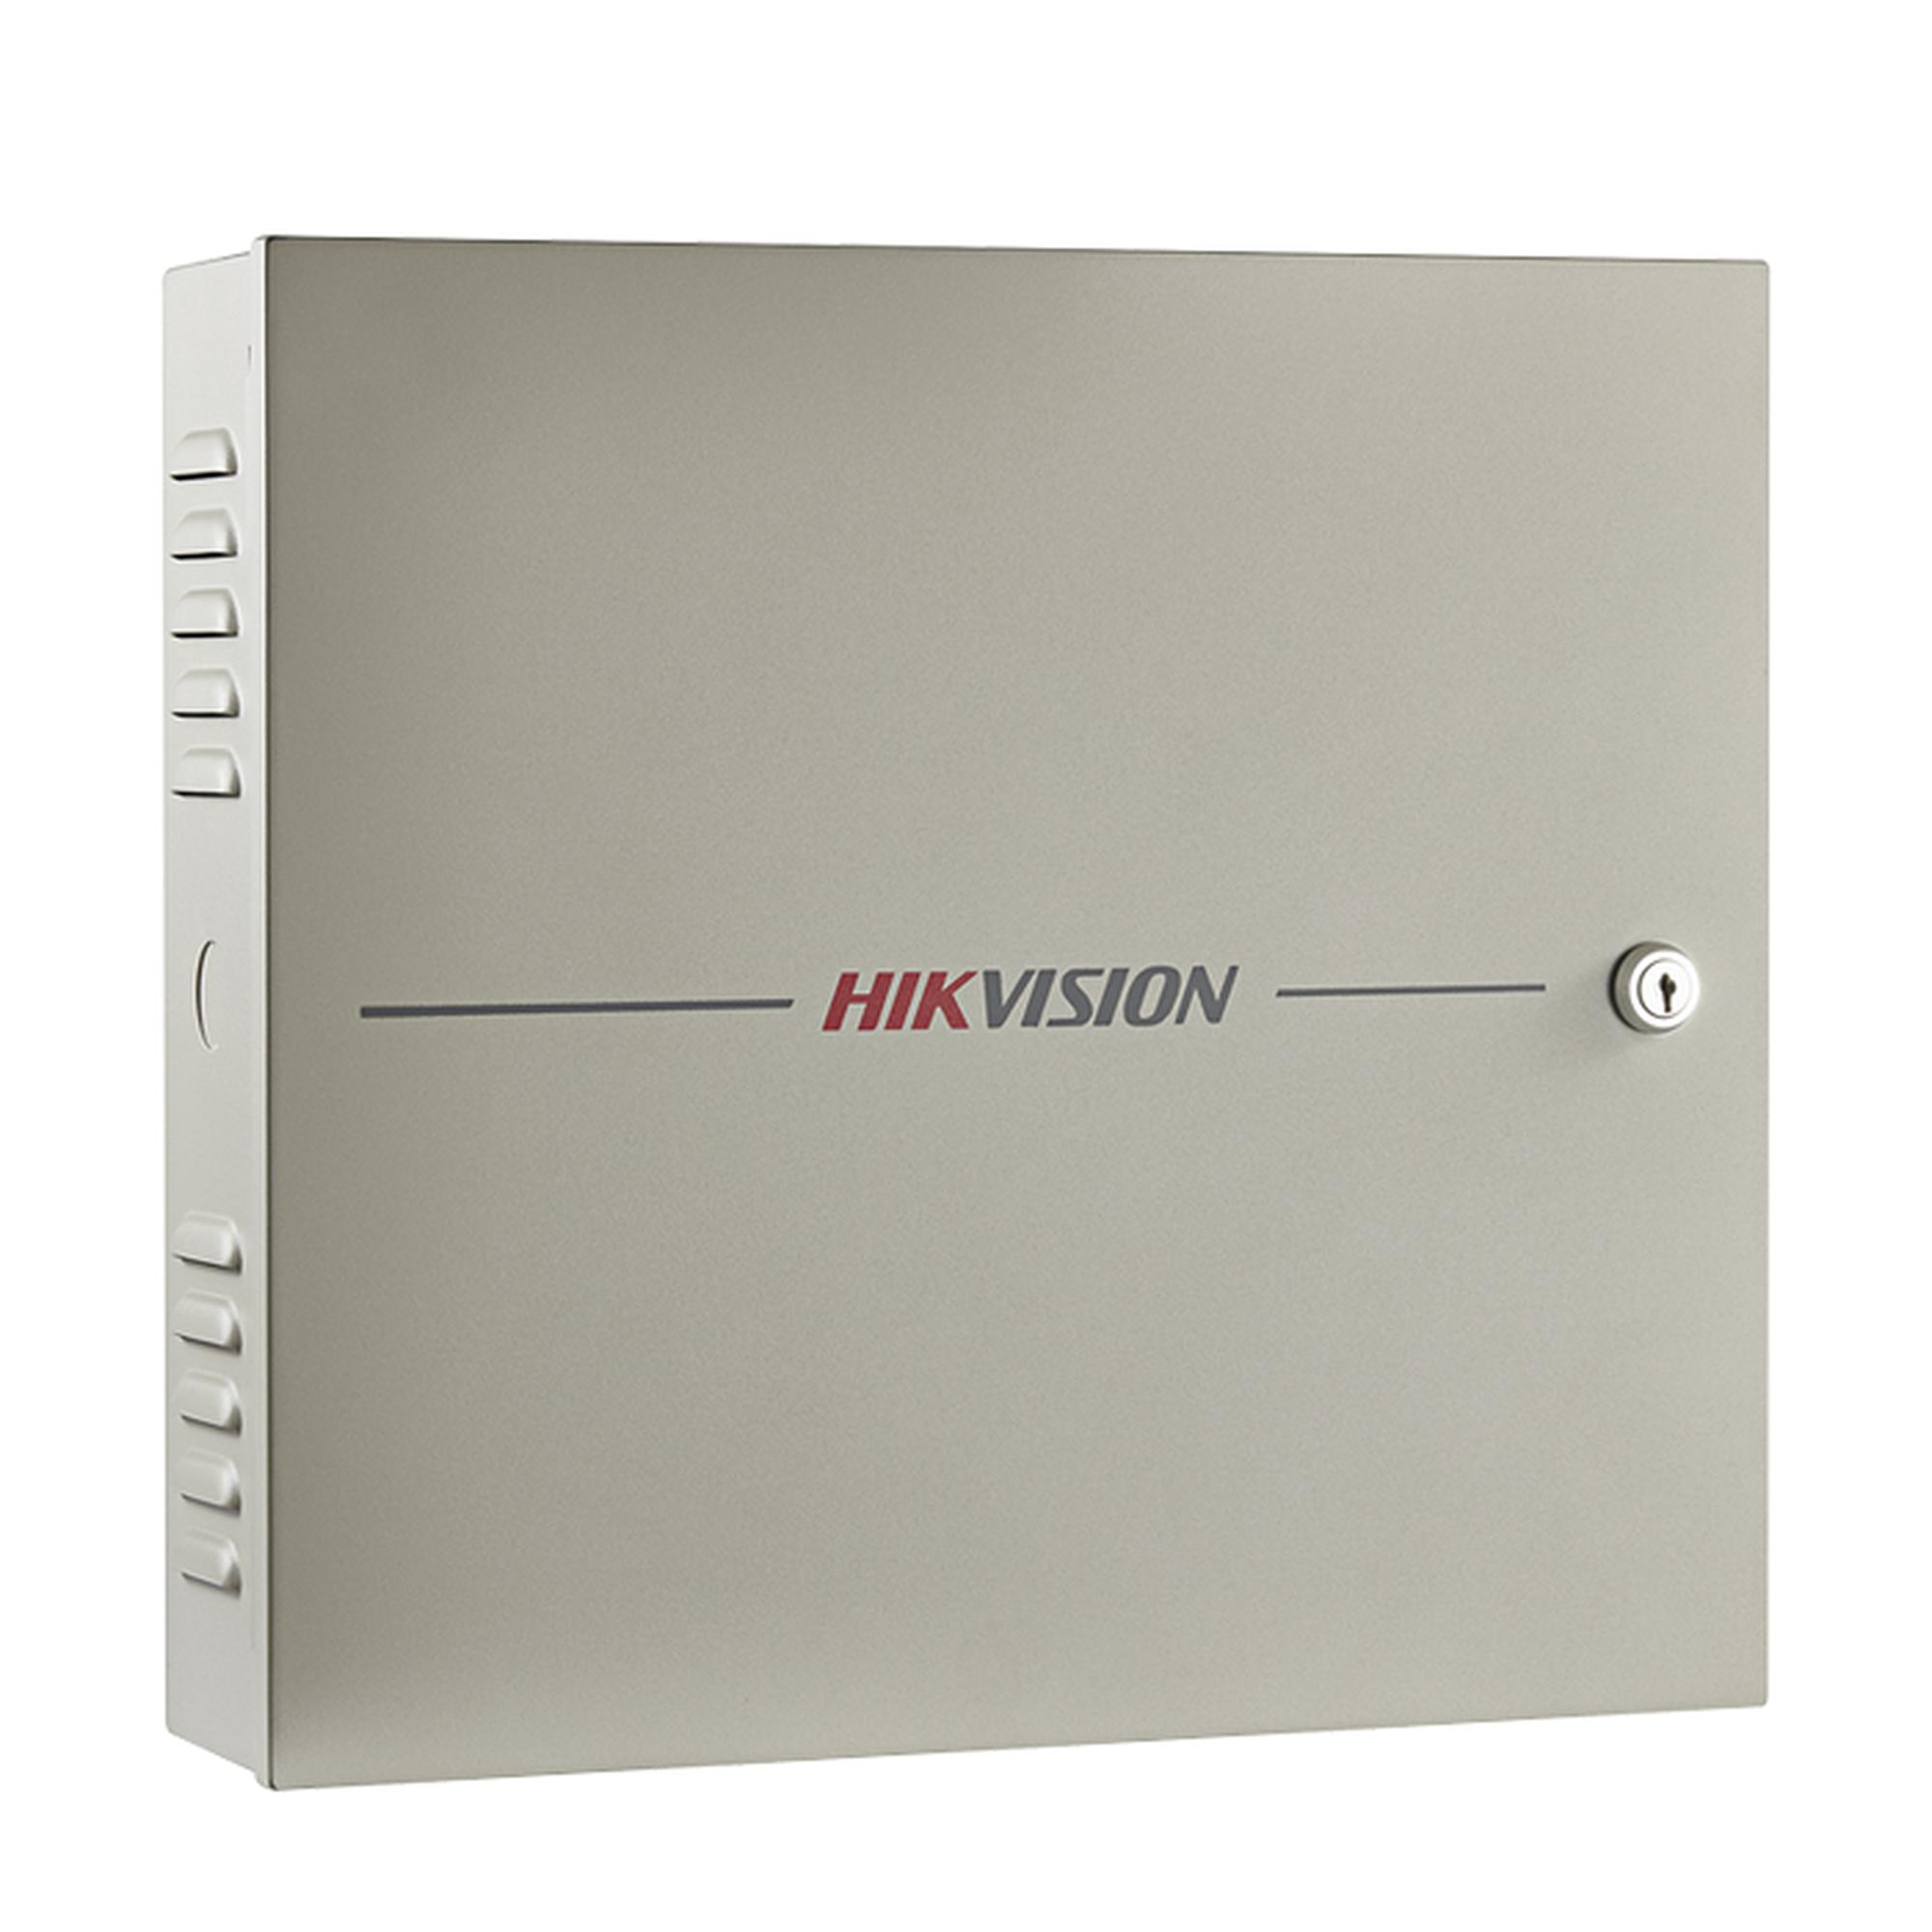 Controlador de Acceso / 4 Puerta / 8 Lectores Huella y Tarjeta / Integración con Video / 100,000 Tarjetas / Incluye Gabinete y Fuente de Alimentación 12VCD/8A / Soporta batería de respaldo